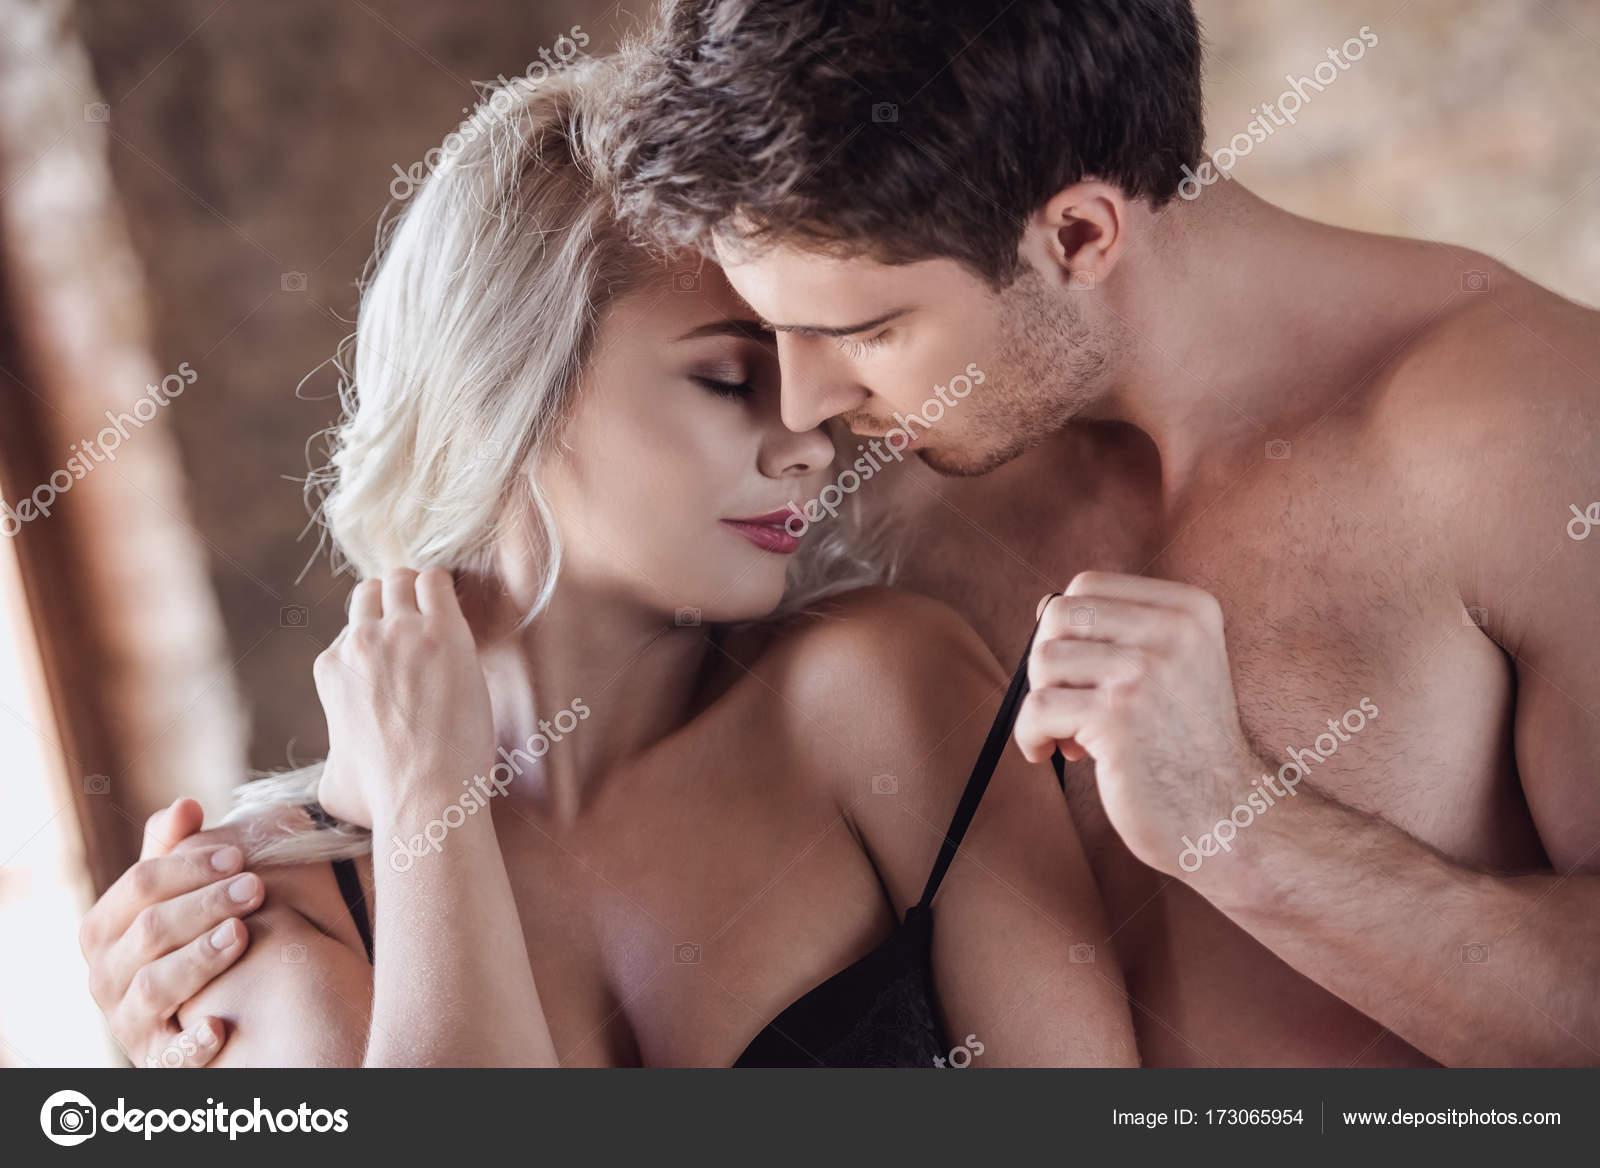 femelles noires ayant des rapports sexuels réel noir anal sexe